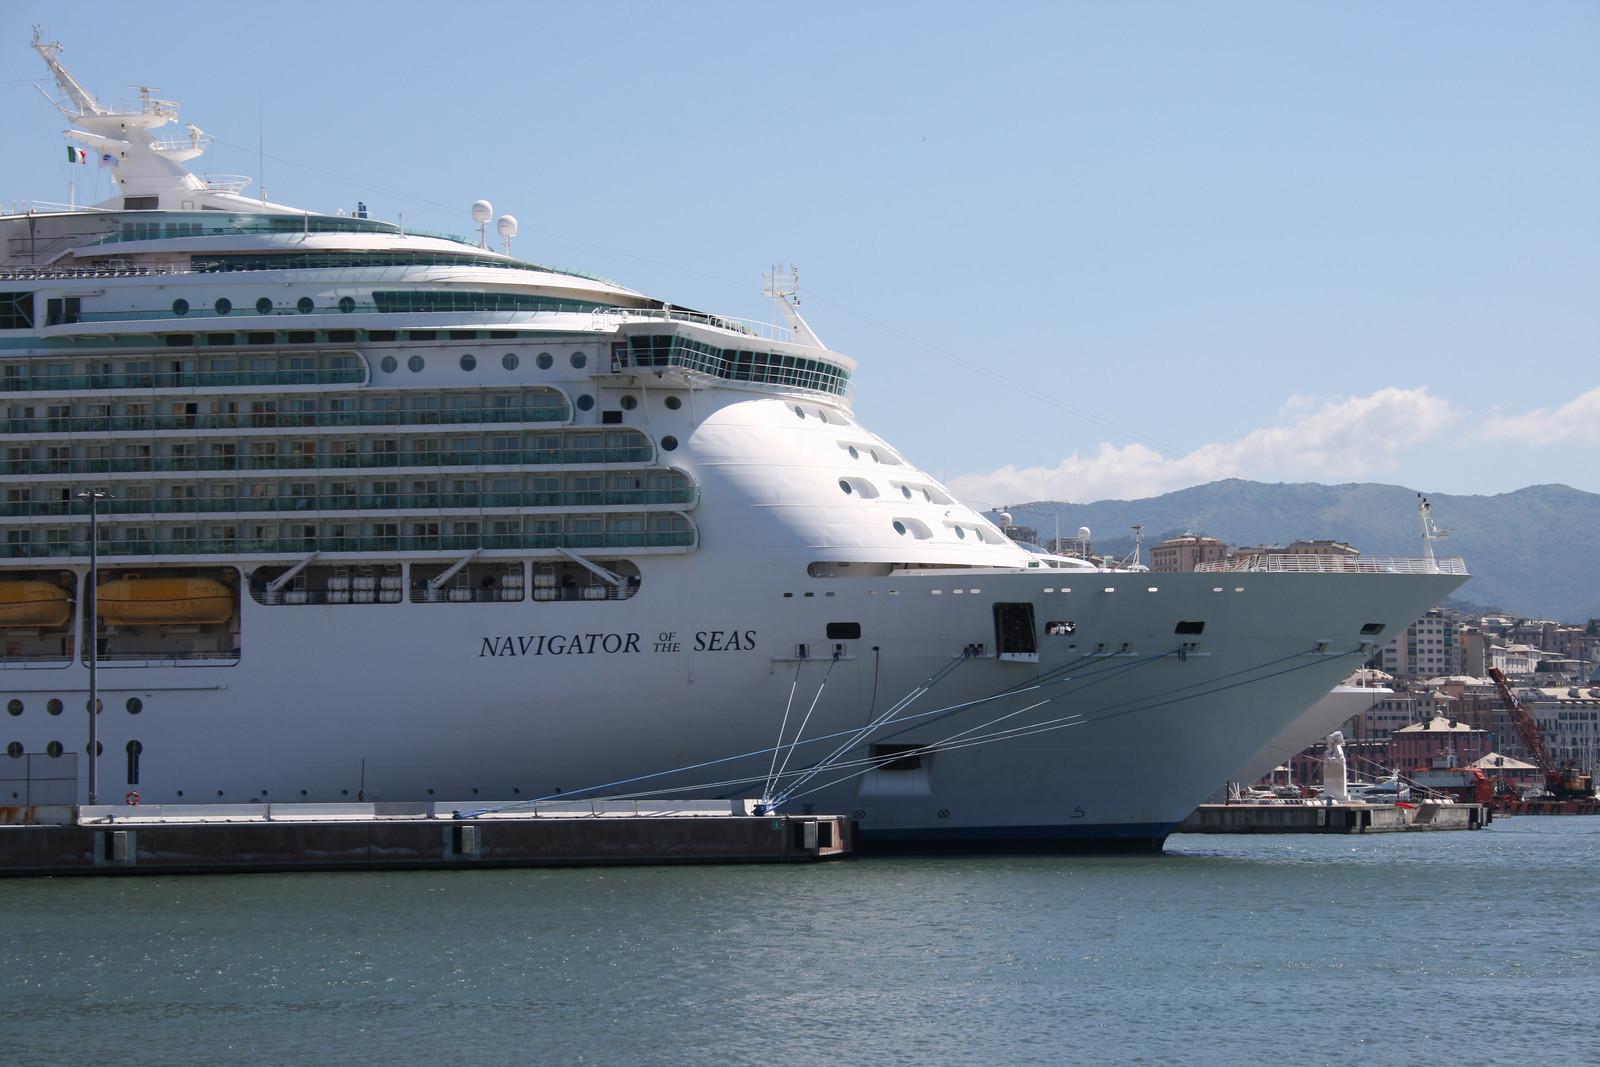 2010 - M/S NAVIGATOR OF THE SEAS in Genova.